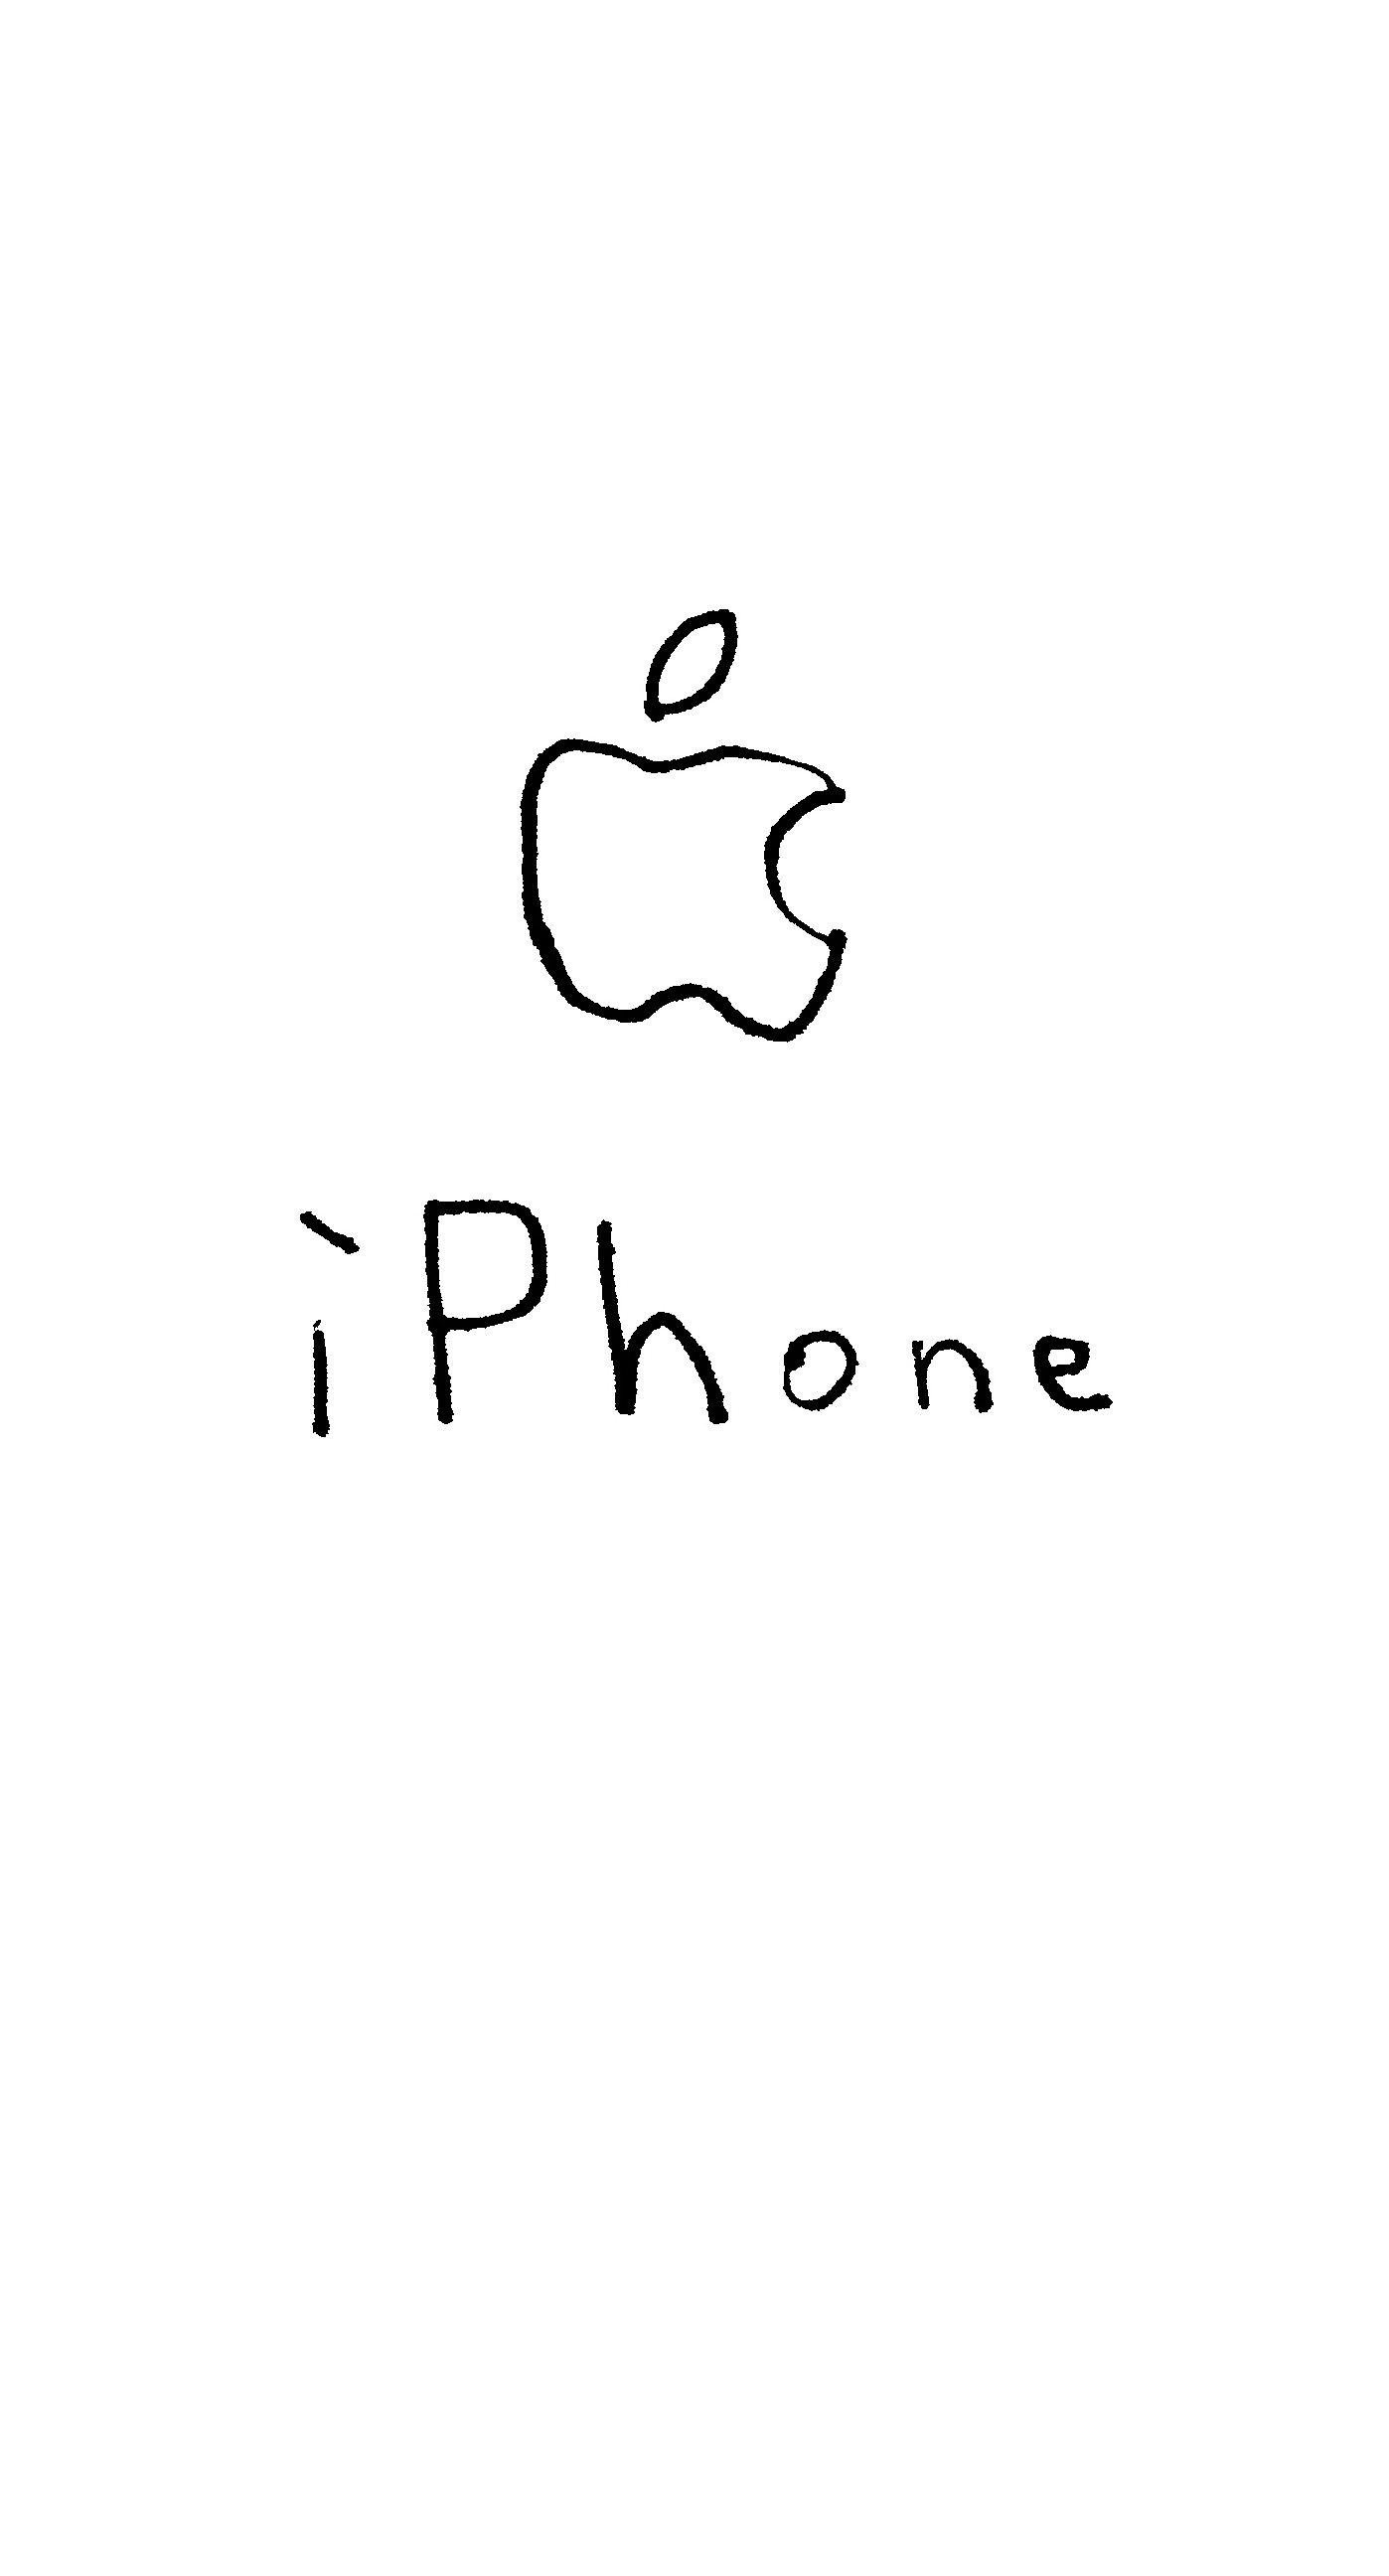 イラストappleロゴiphone白 Wallpapersc Iphone6splus壁紙